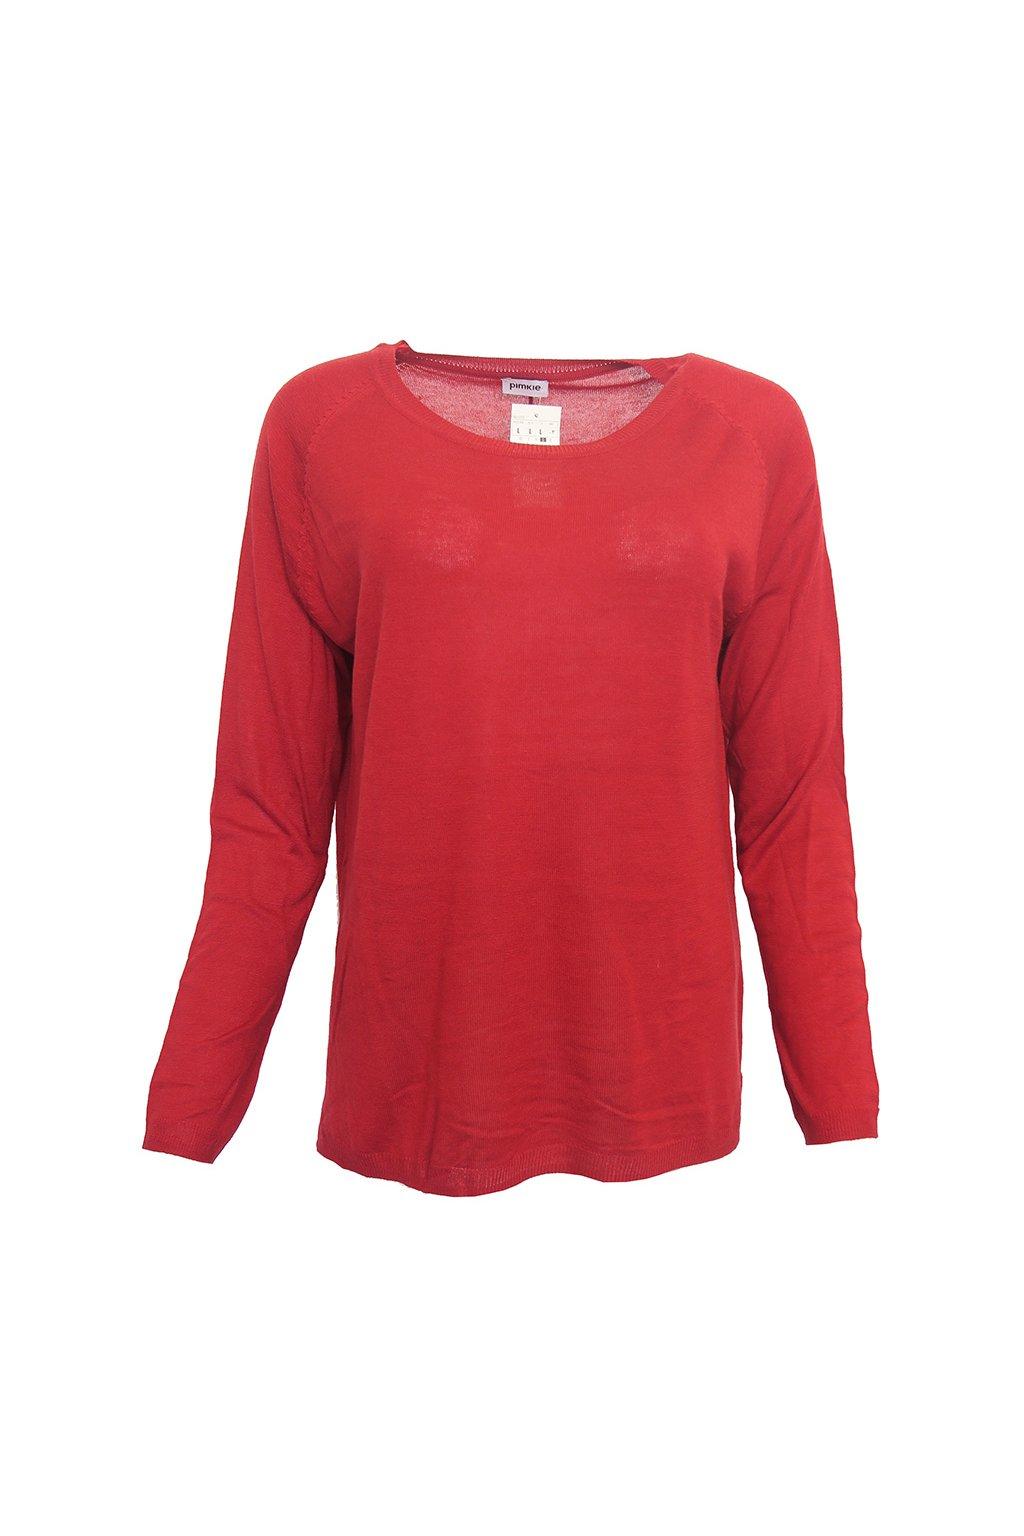 Tenký červený svetřík PIMKIE